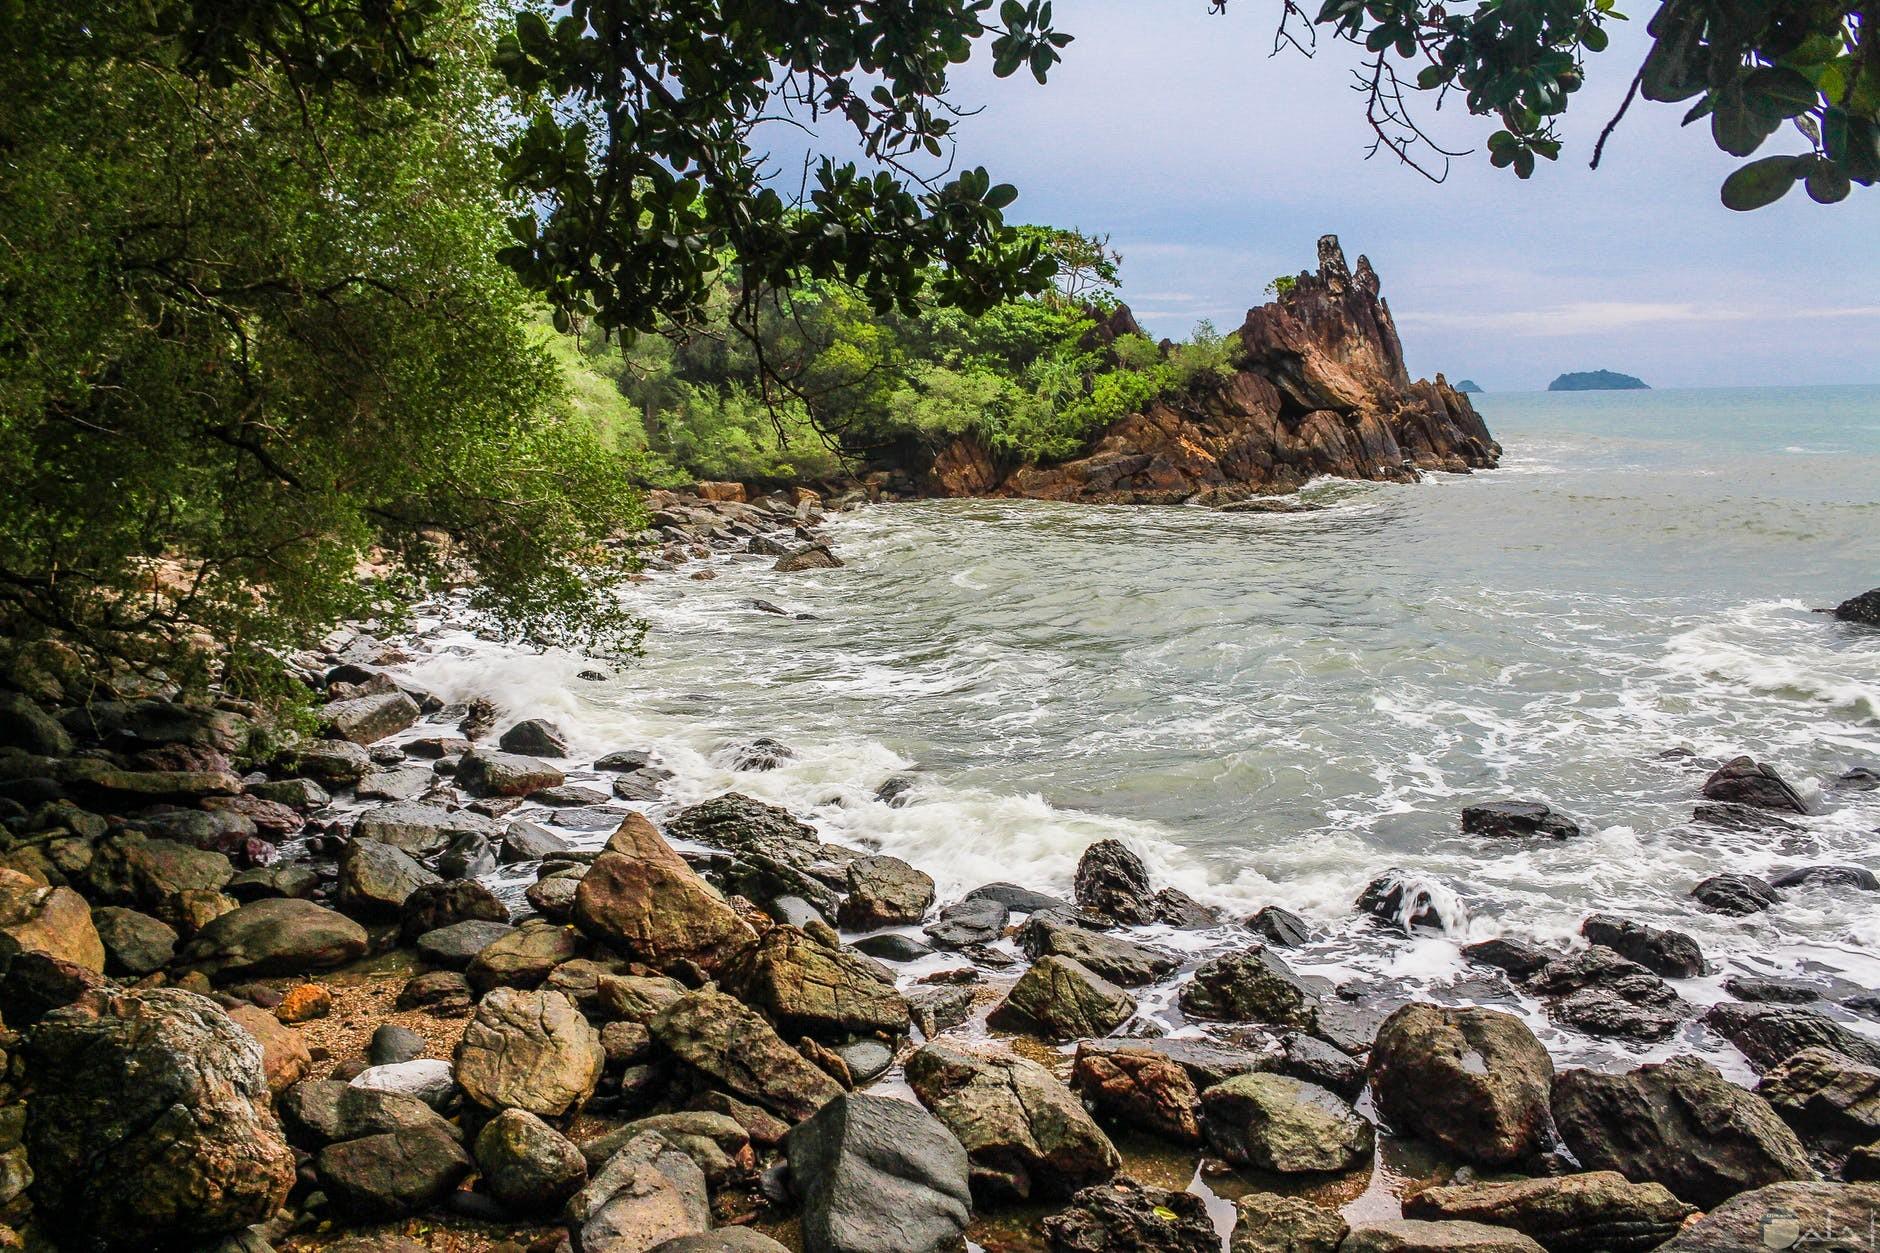 ثيمات لمنظر البحر والصخور